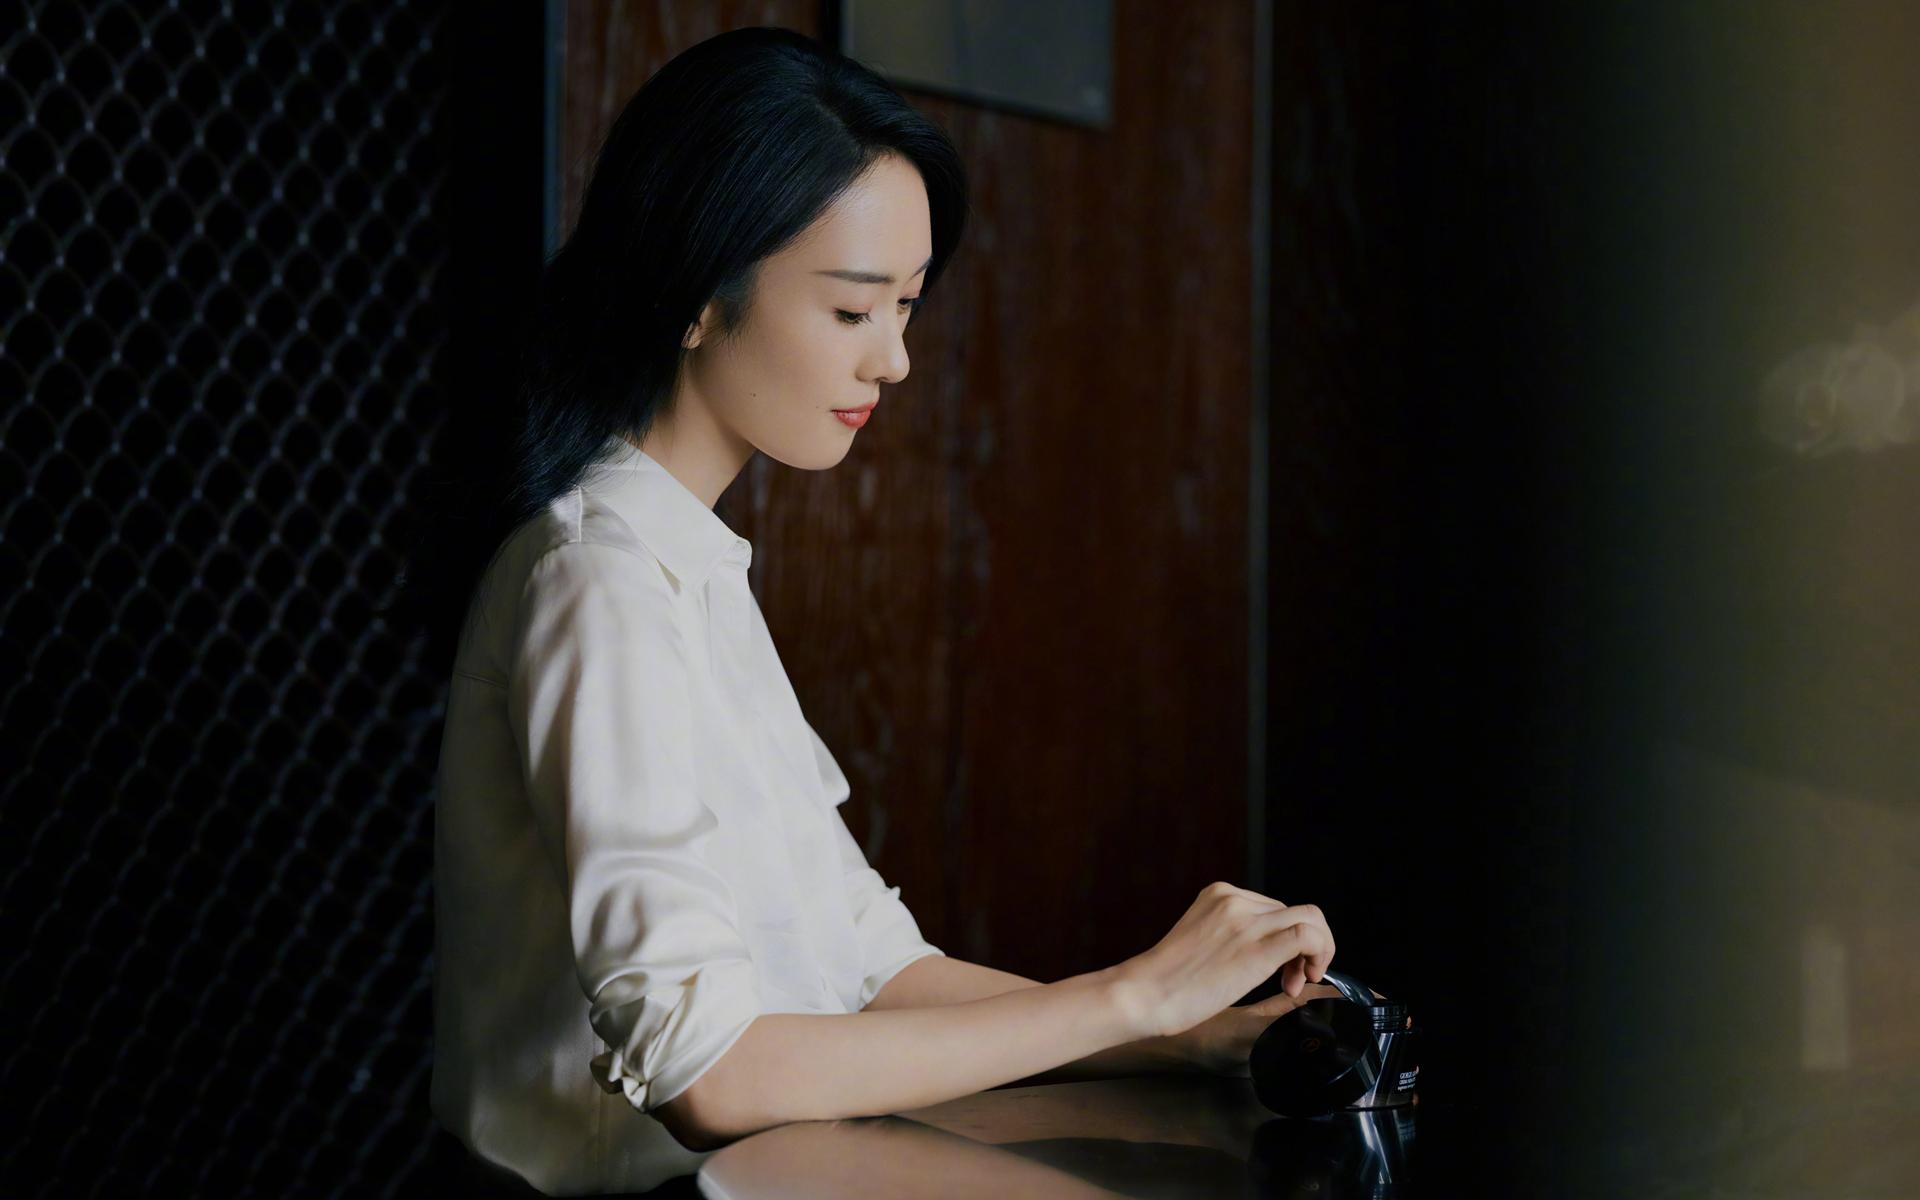 童瑶白衫优雅唯美桌面壁纸